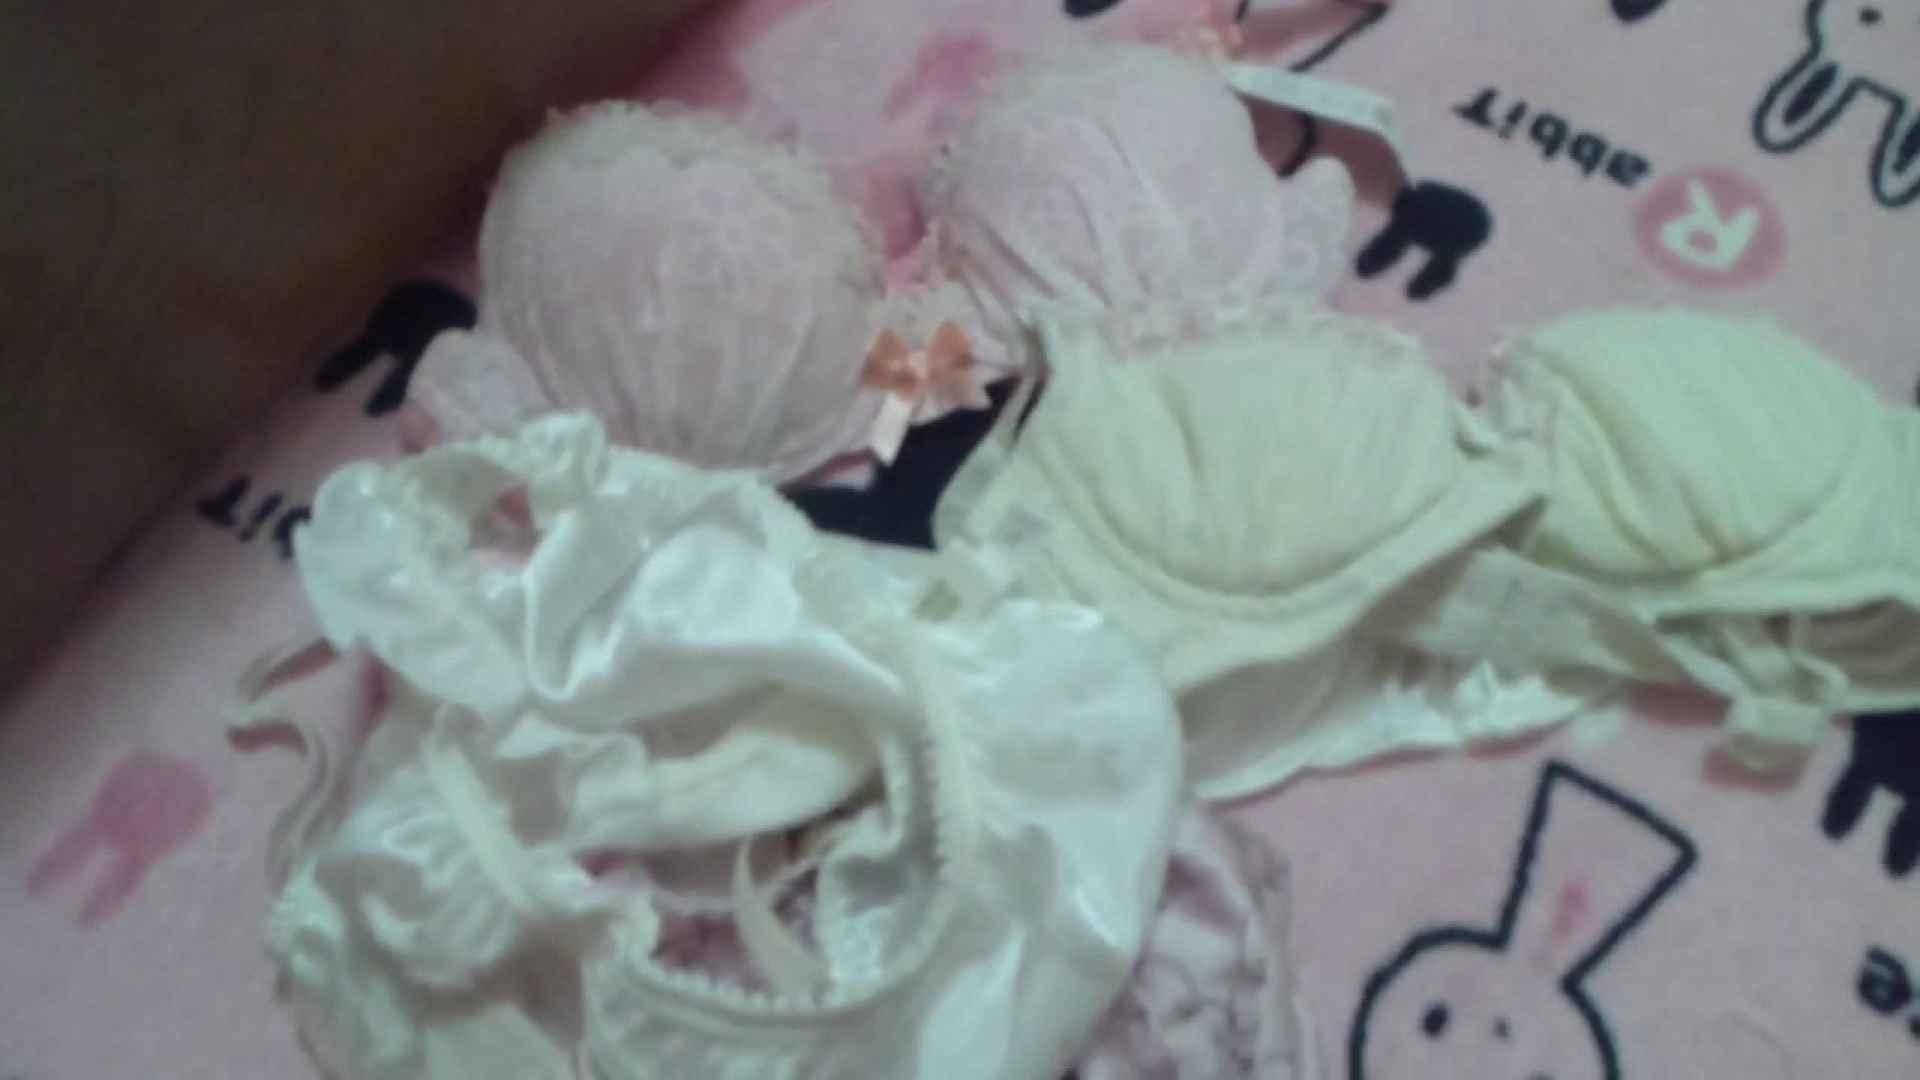 vol.5 自宅の部屋を撮って来てもらいました。 OLのエッチ  112pic 112